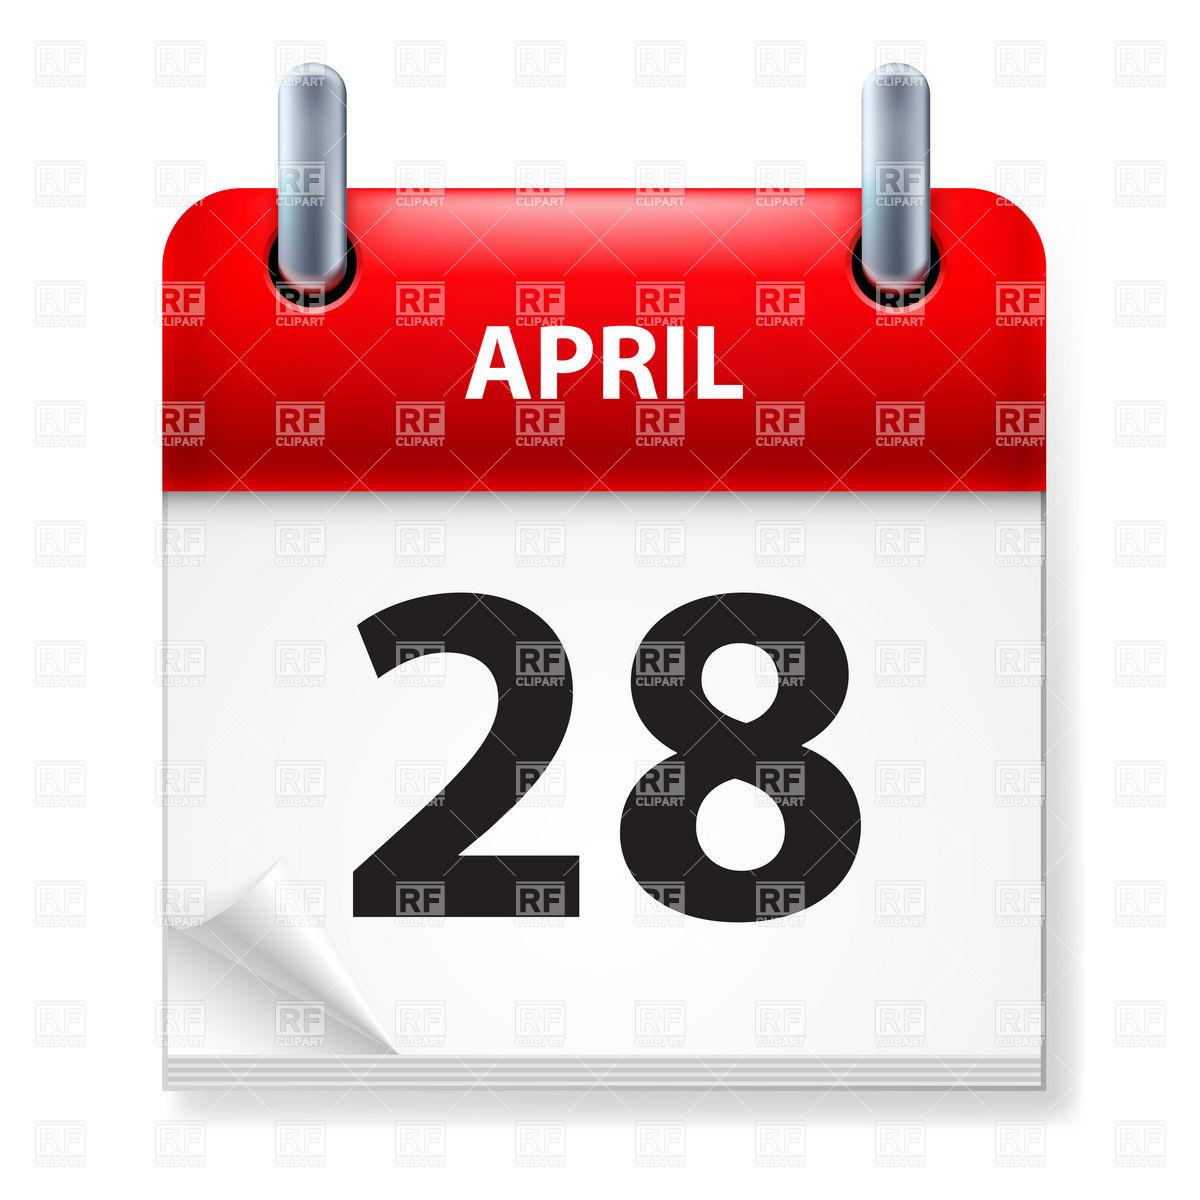 April 28th calendar clipart. Th clipartfest icon of